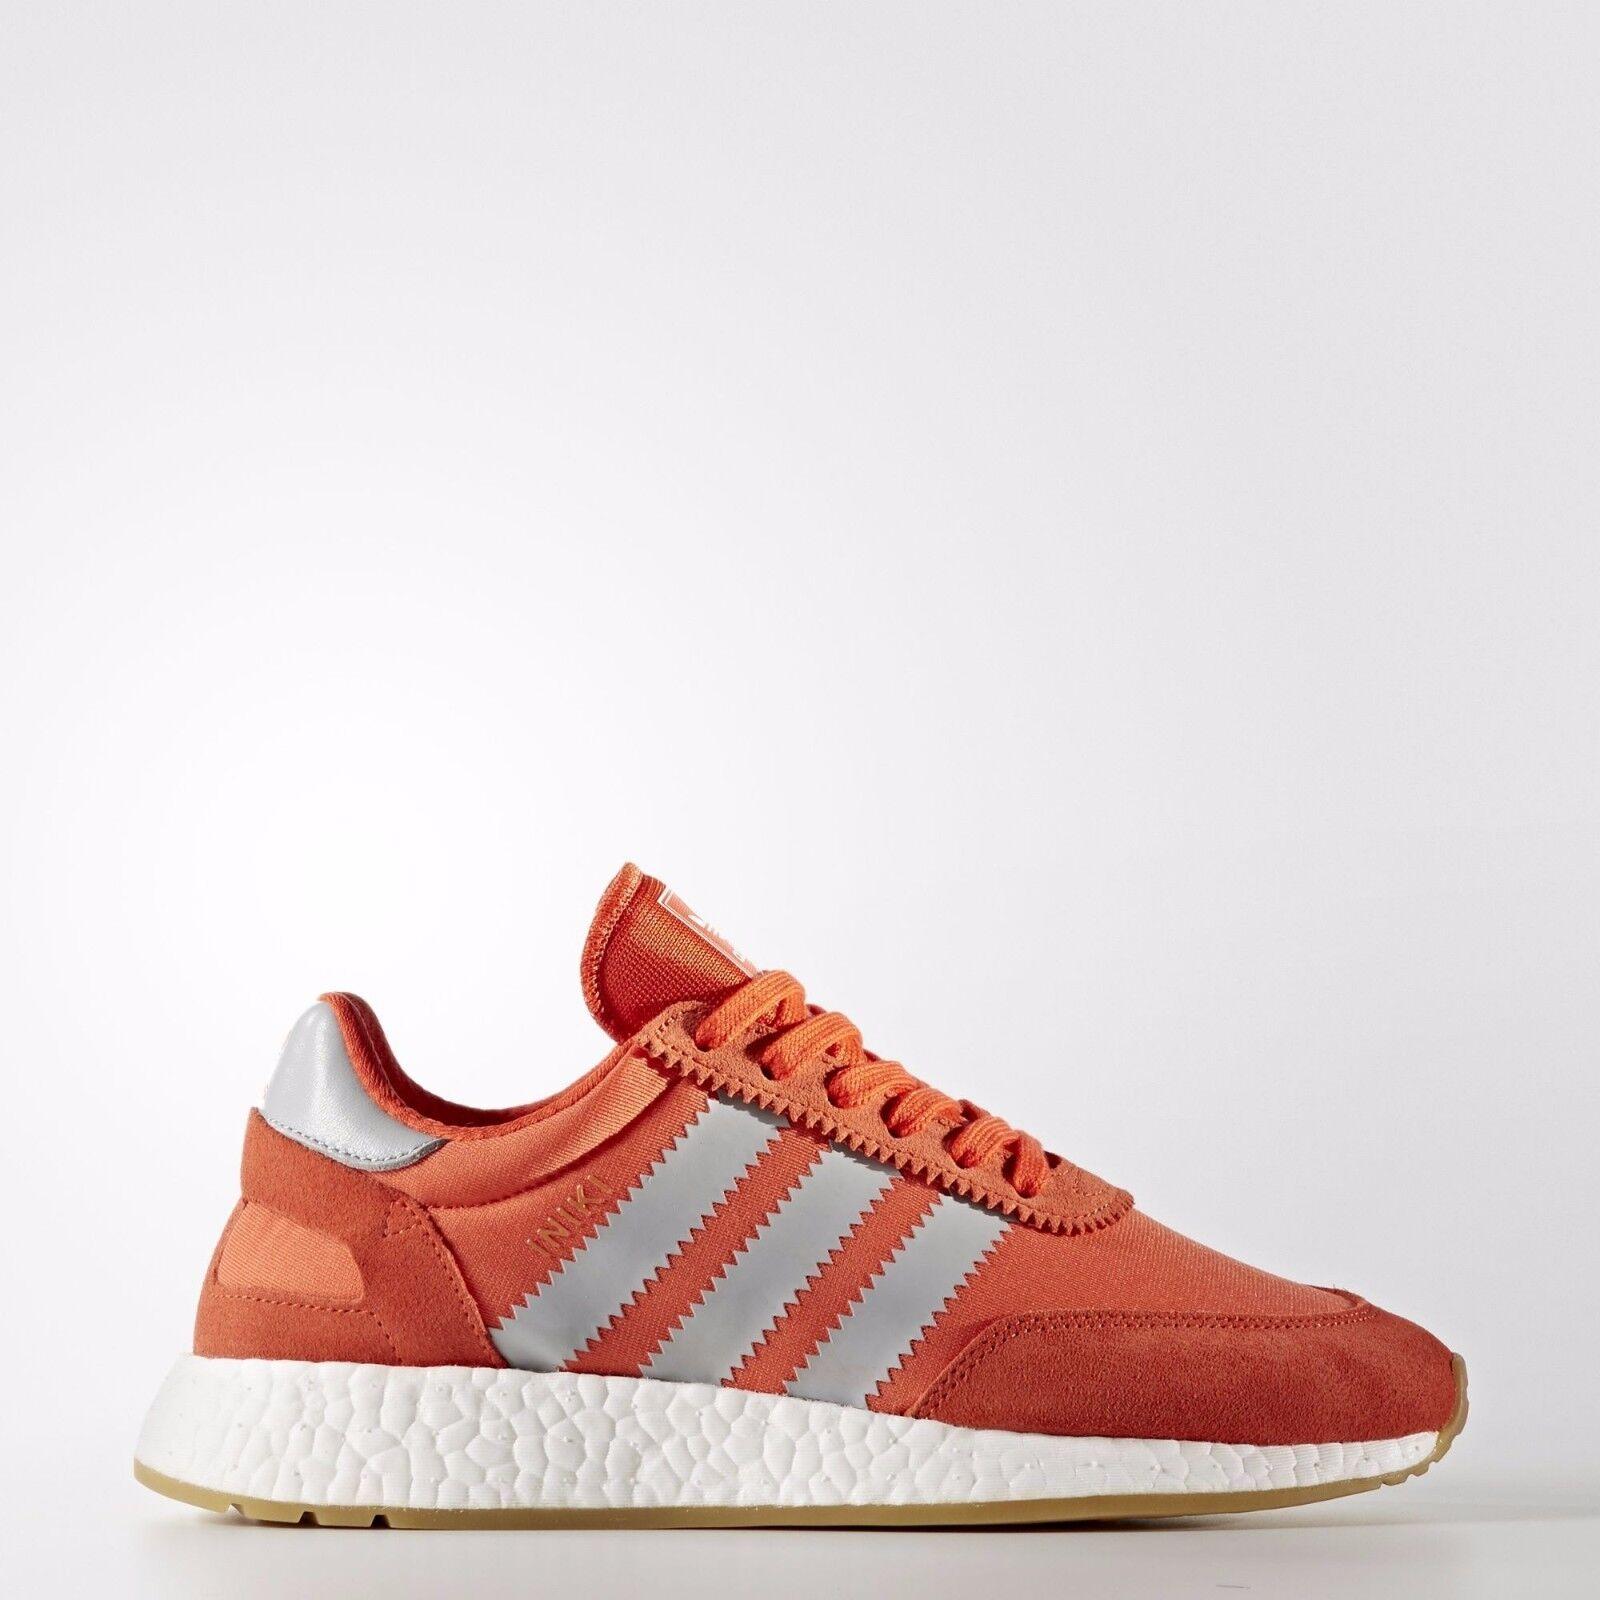 f0db2c4a49b5c Adidas W INIKI Runner size 6. Orange Grey. Grey. Grey. BB9998. nmd ...